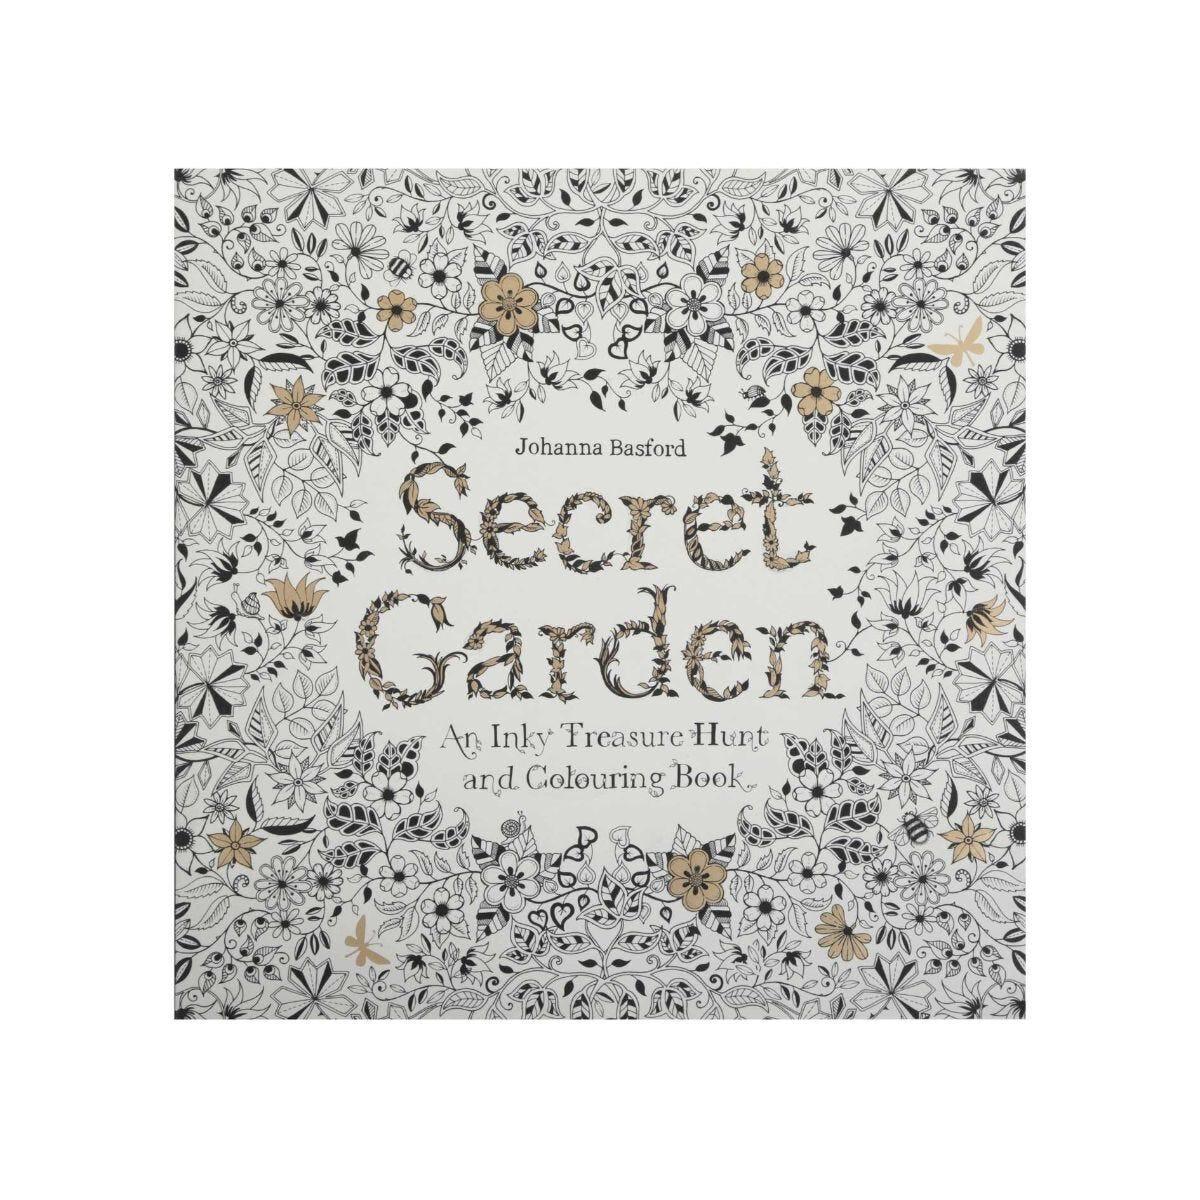 Secret Garden Colouring Book by Johanna Basford